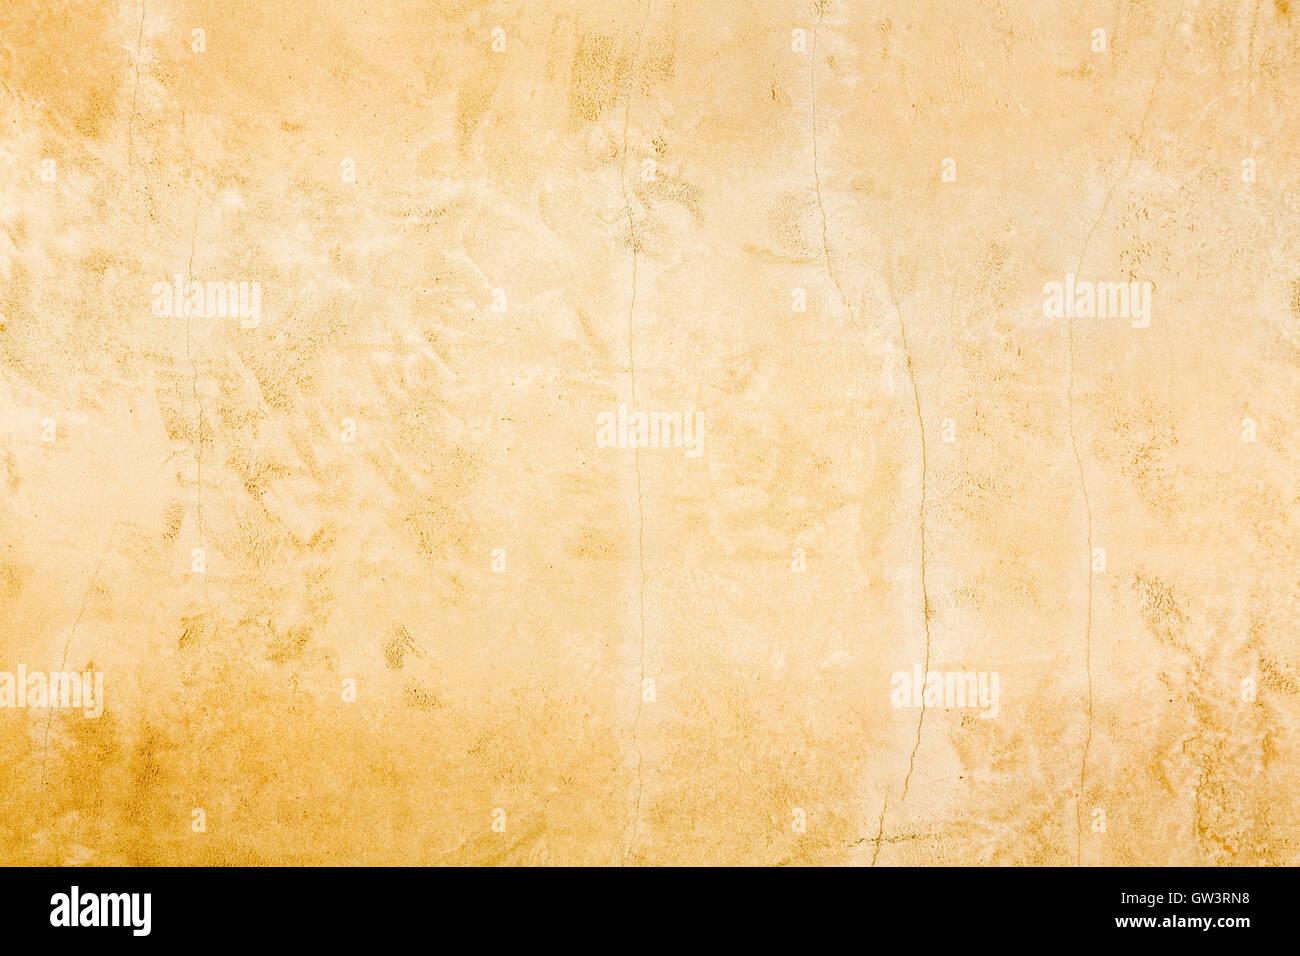 Vecchio rustico invecchiato oro parete in stucco distressed texture di sfondo Immagini Stock